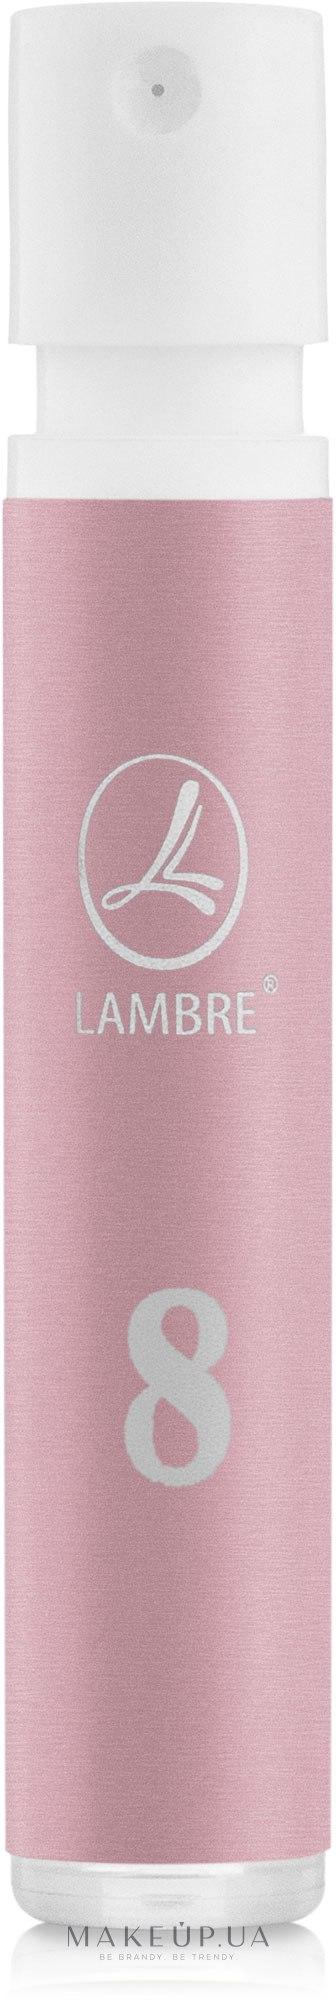 Lambre № 8 - Духи (пробник) — фото 1.2ml